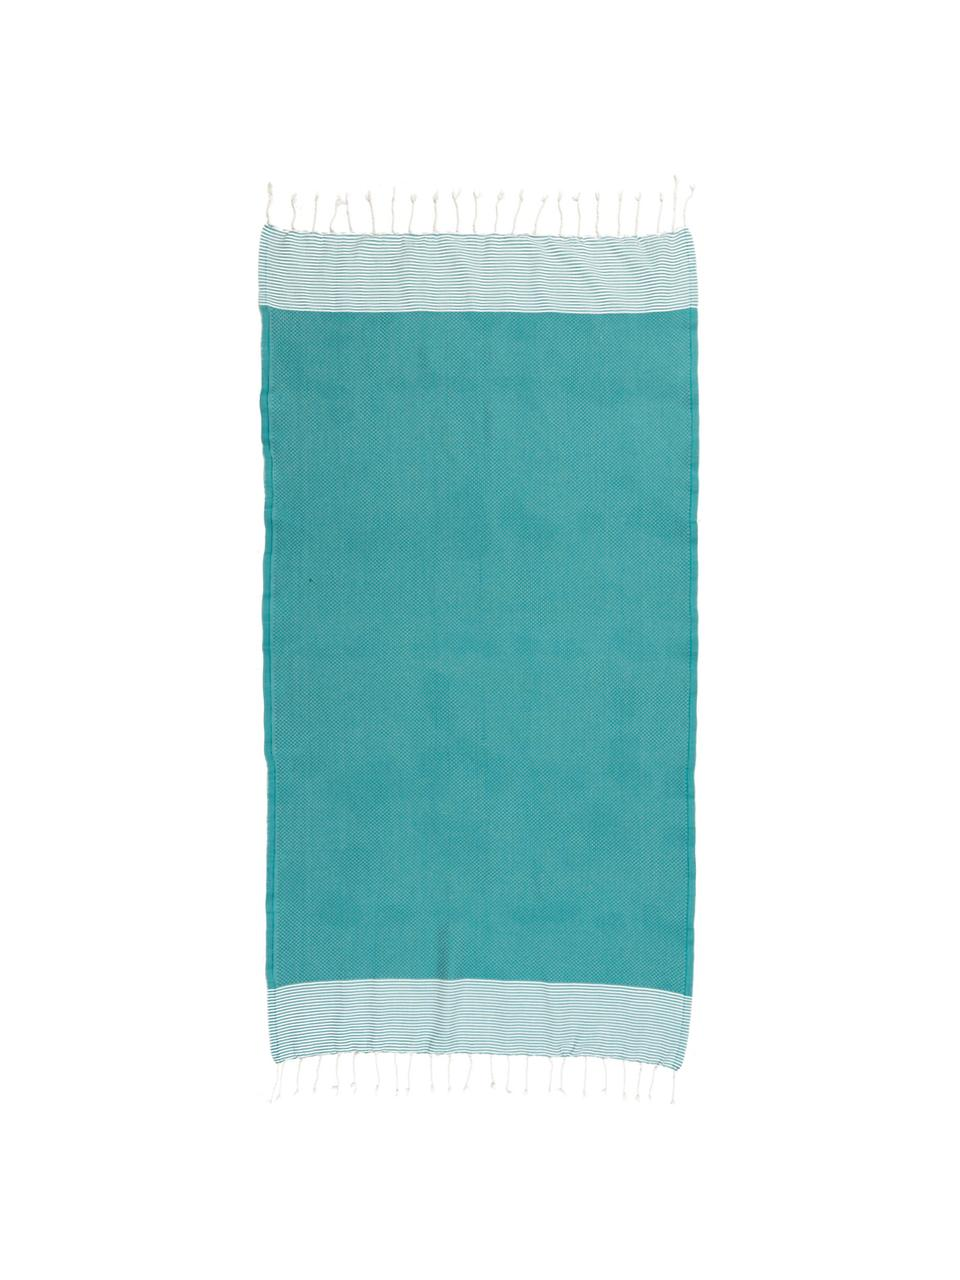 Ręcznik plażowy Ibiza, 100% bawełna, Bardzo niska gramatura, 200 g/m², Niebieskozielony, biały, D 100 x S 200 cm